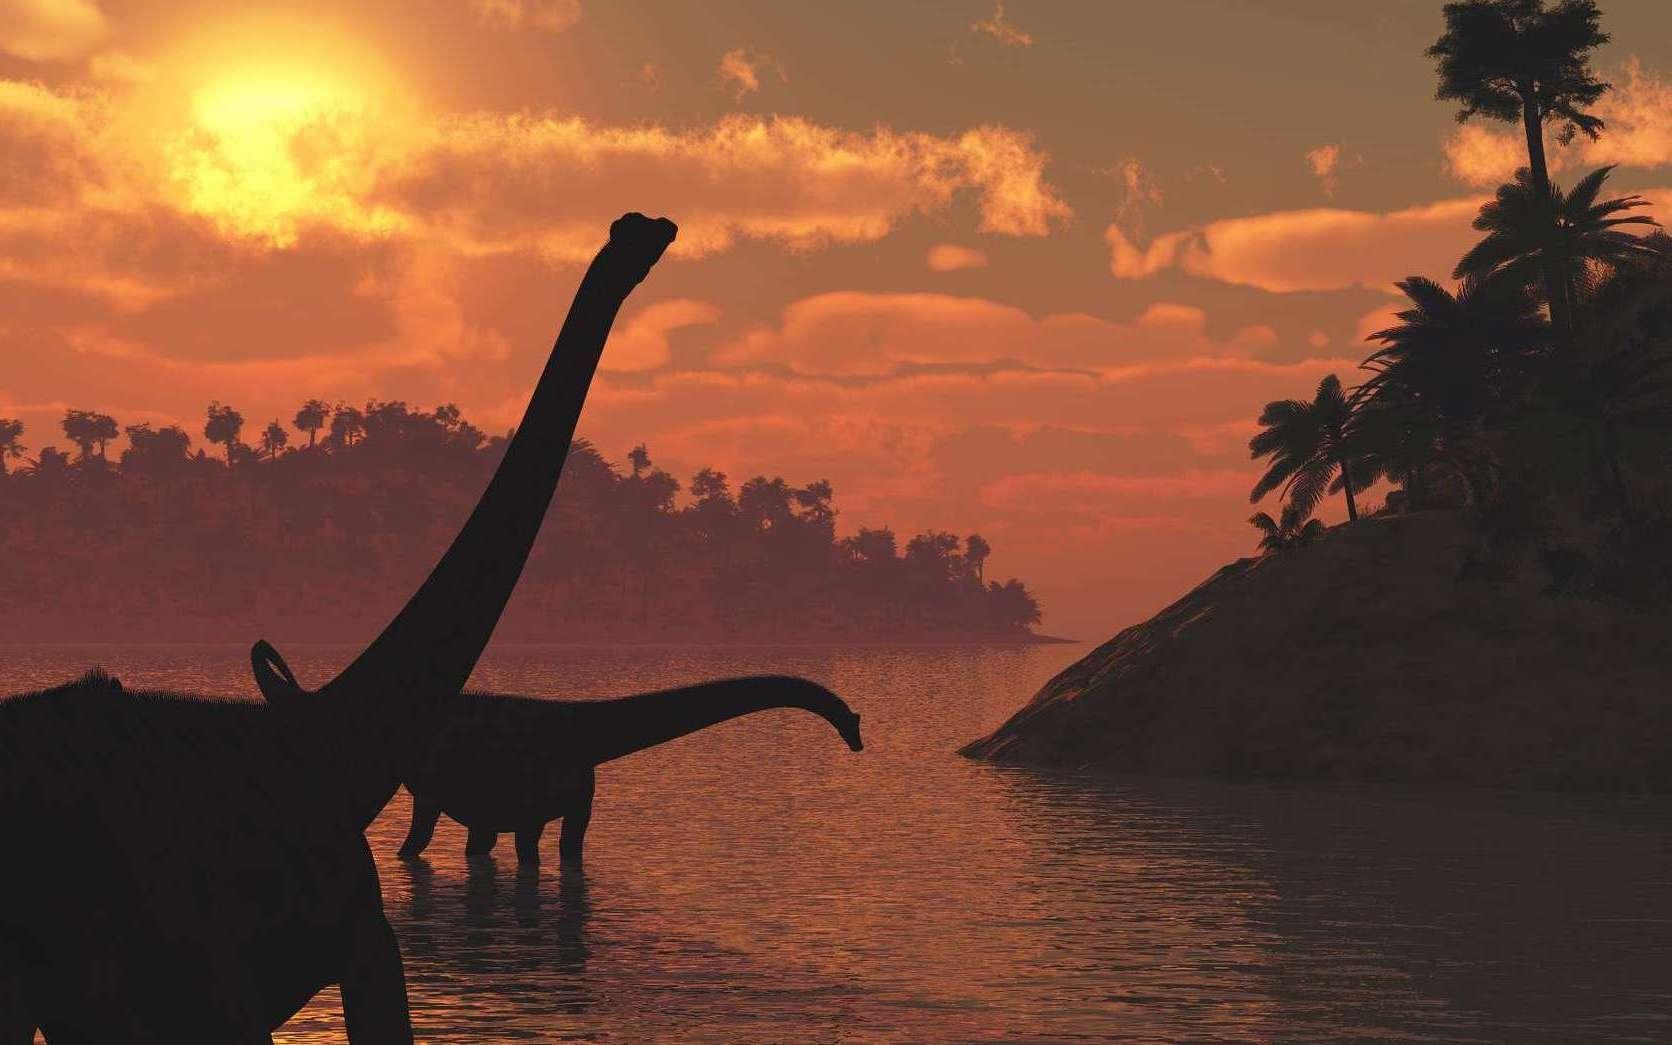 Empreintes de dinosaures : la plus longue piste de sauropode est en France ! Ici, des sauropodes au Jurassique. © Linda Bucklin, Shutterstock